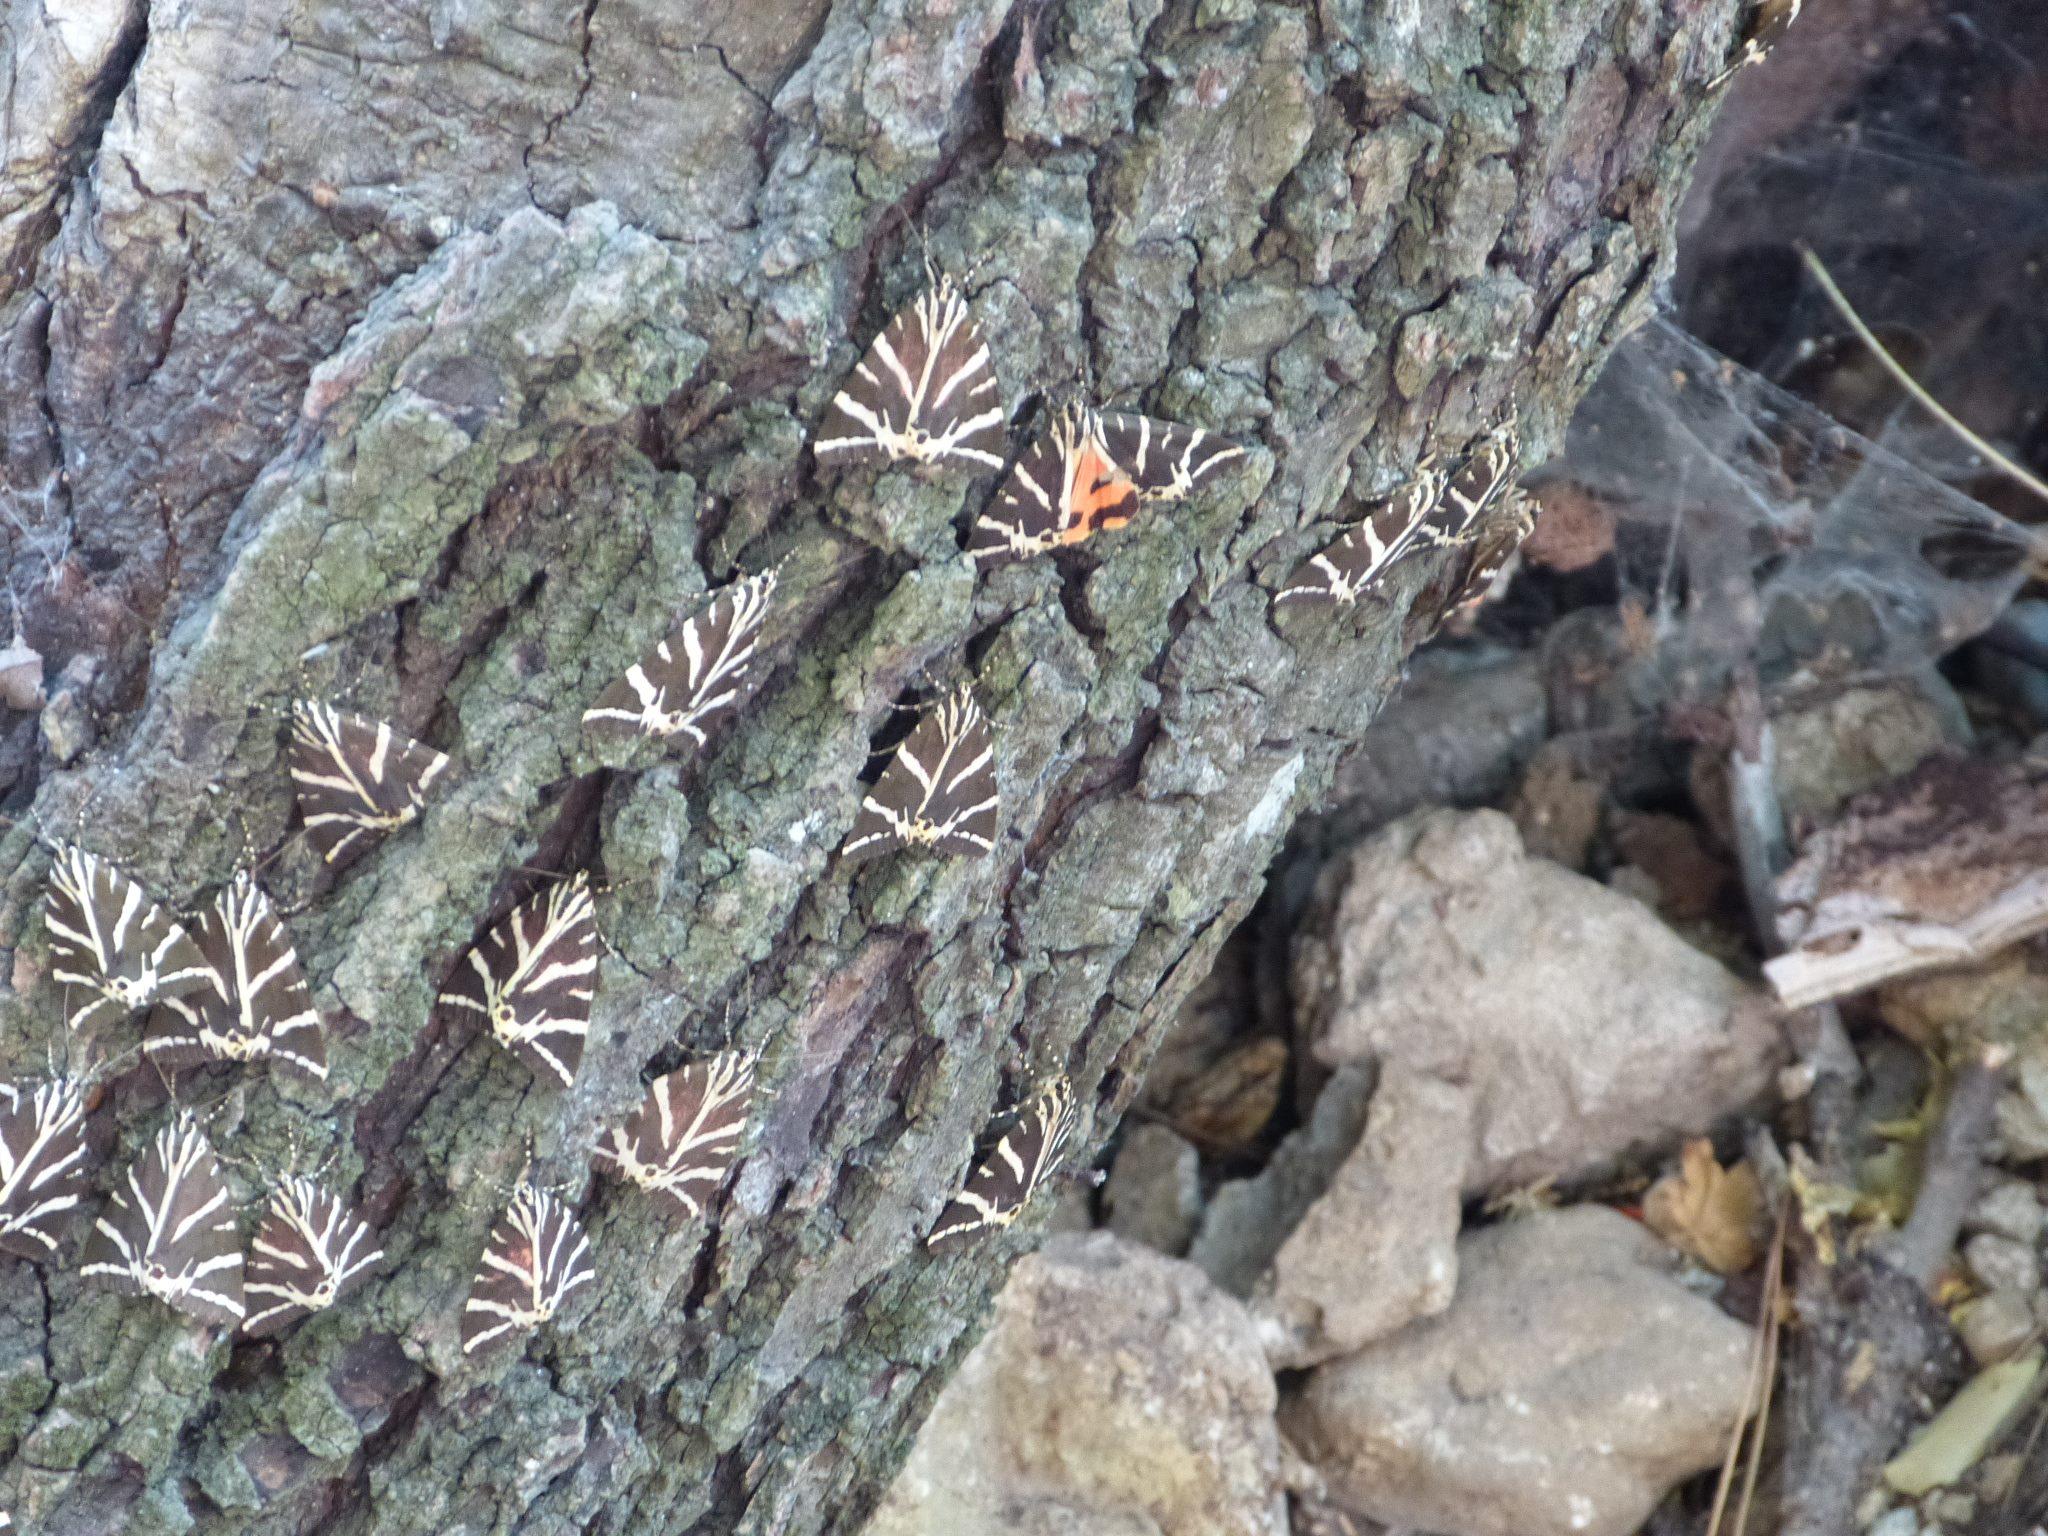 Pillangók völgye - ennél ezerszer több medvelepkét lehet megcsodálni a természetvédelmi parkban, de sajnos jól fotózni nem könnyű: általában szinte teljesen beborítják a (storax)fa kérgét, melynek vaníliaillatú gyantája vonzza őket ide.